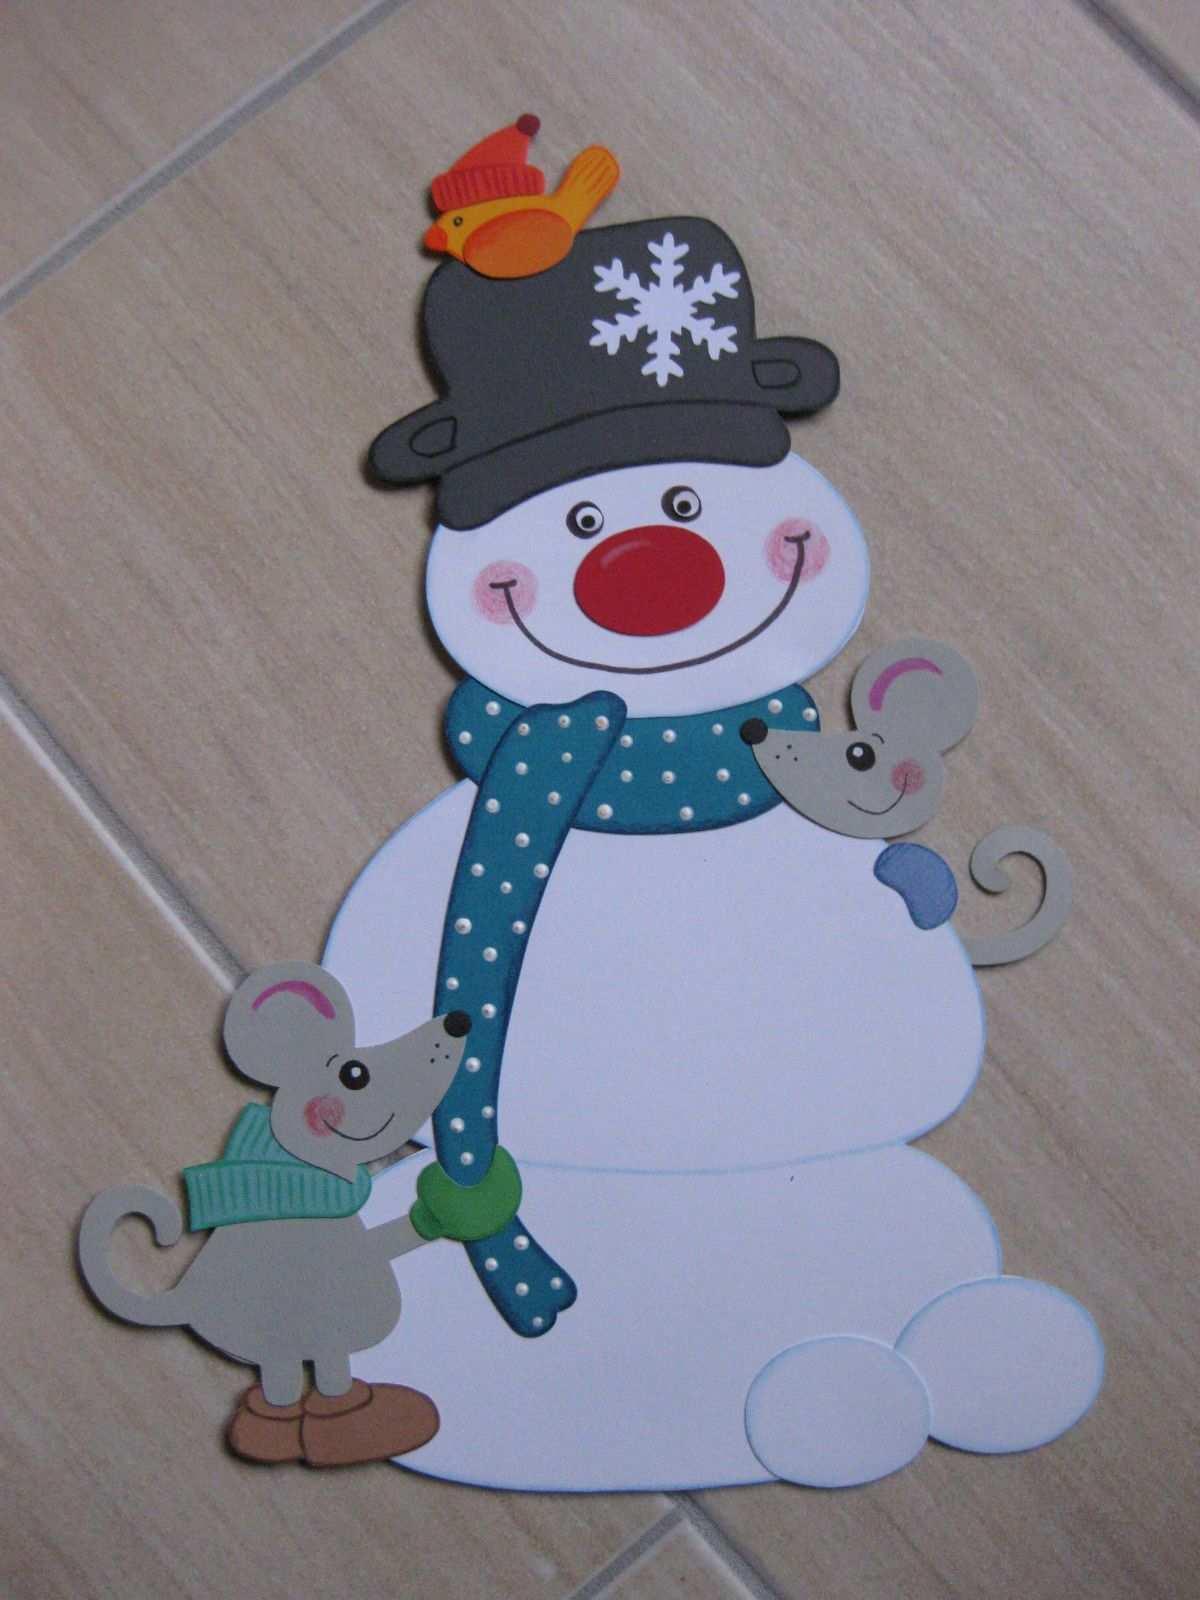 Fensterbild Tonkarton Schneemann Xl 30 5 X 21 Cm Neu Eur 11 60 Fensterbilder Weihnachten Basteln Schneemanner Basteln Fenster Weihnachten Basteln Girlande